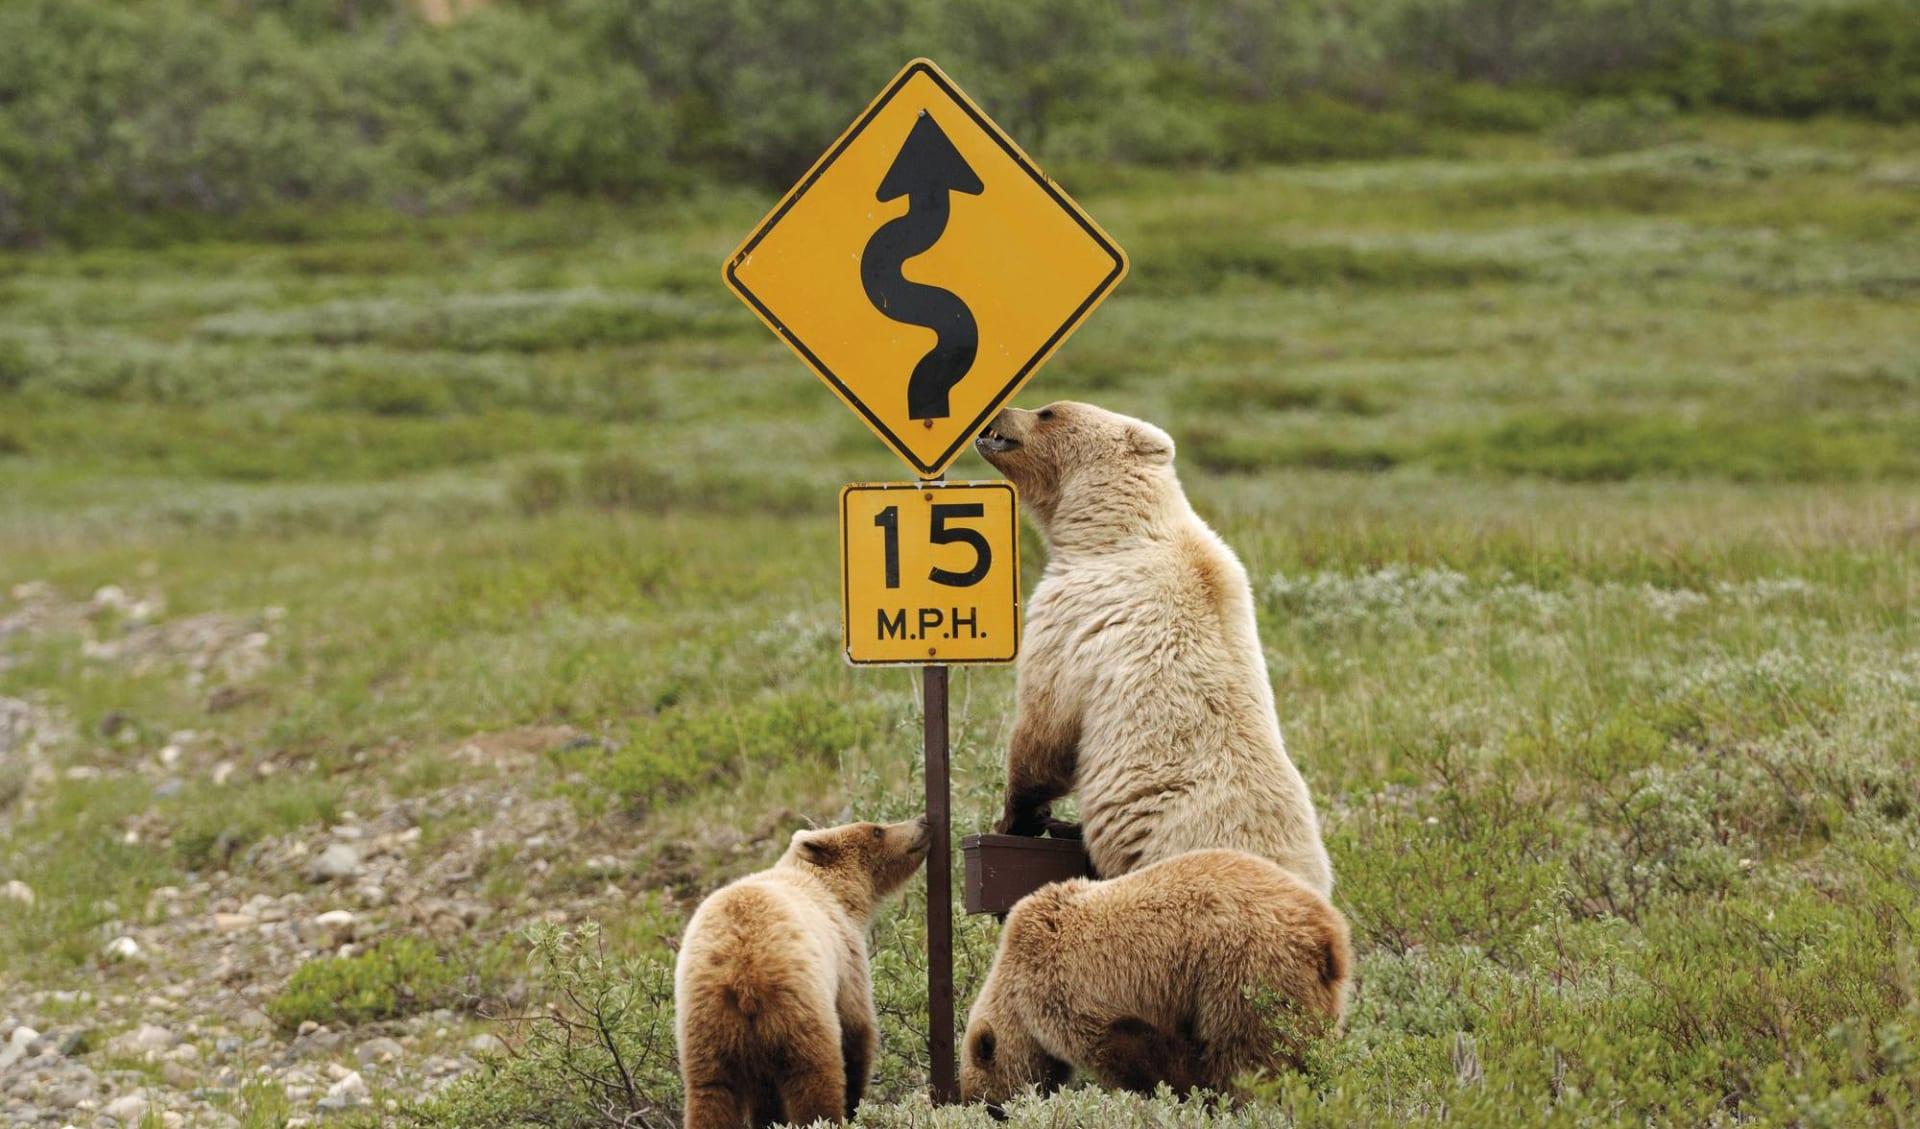 Kodiakbären hautnah ab Anchorage: Alaska - Bären